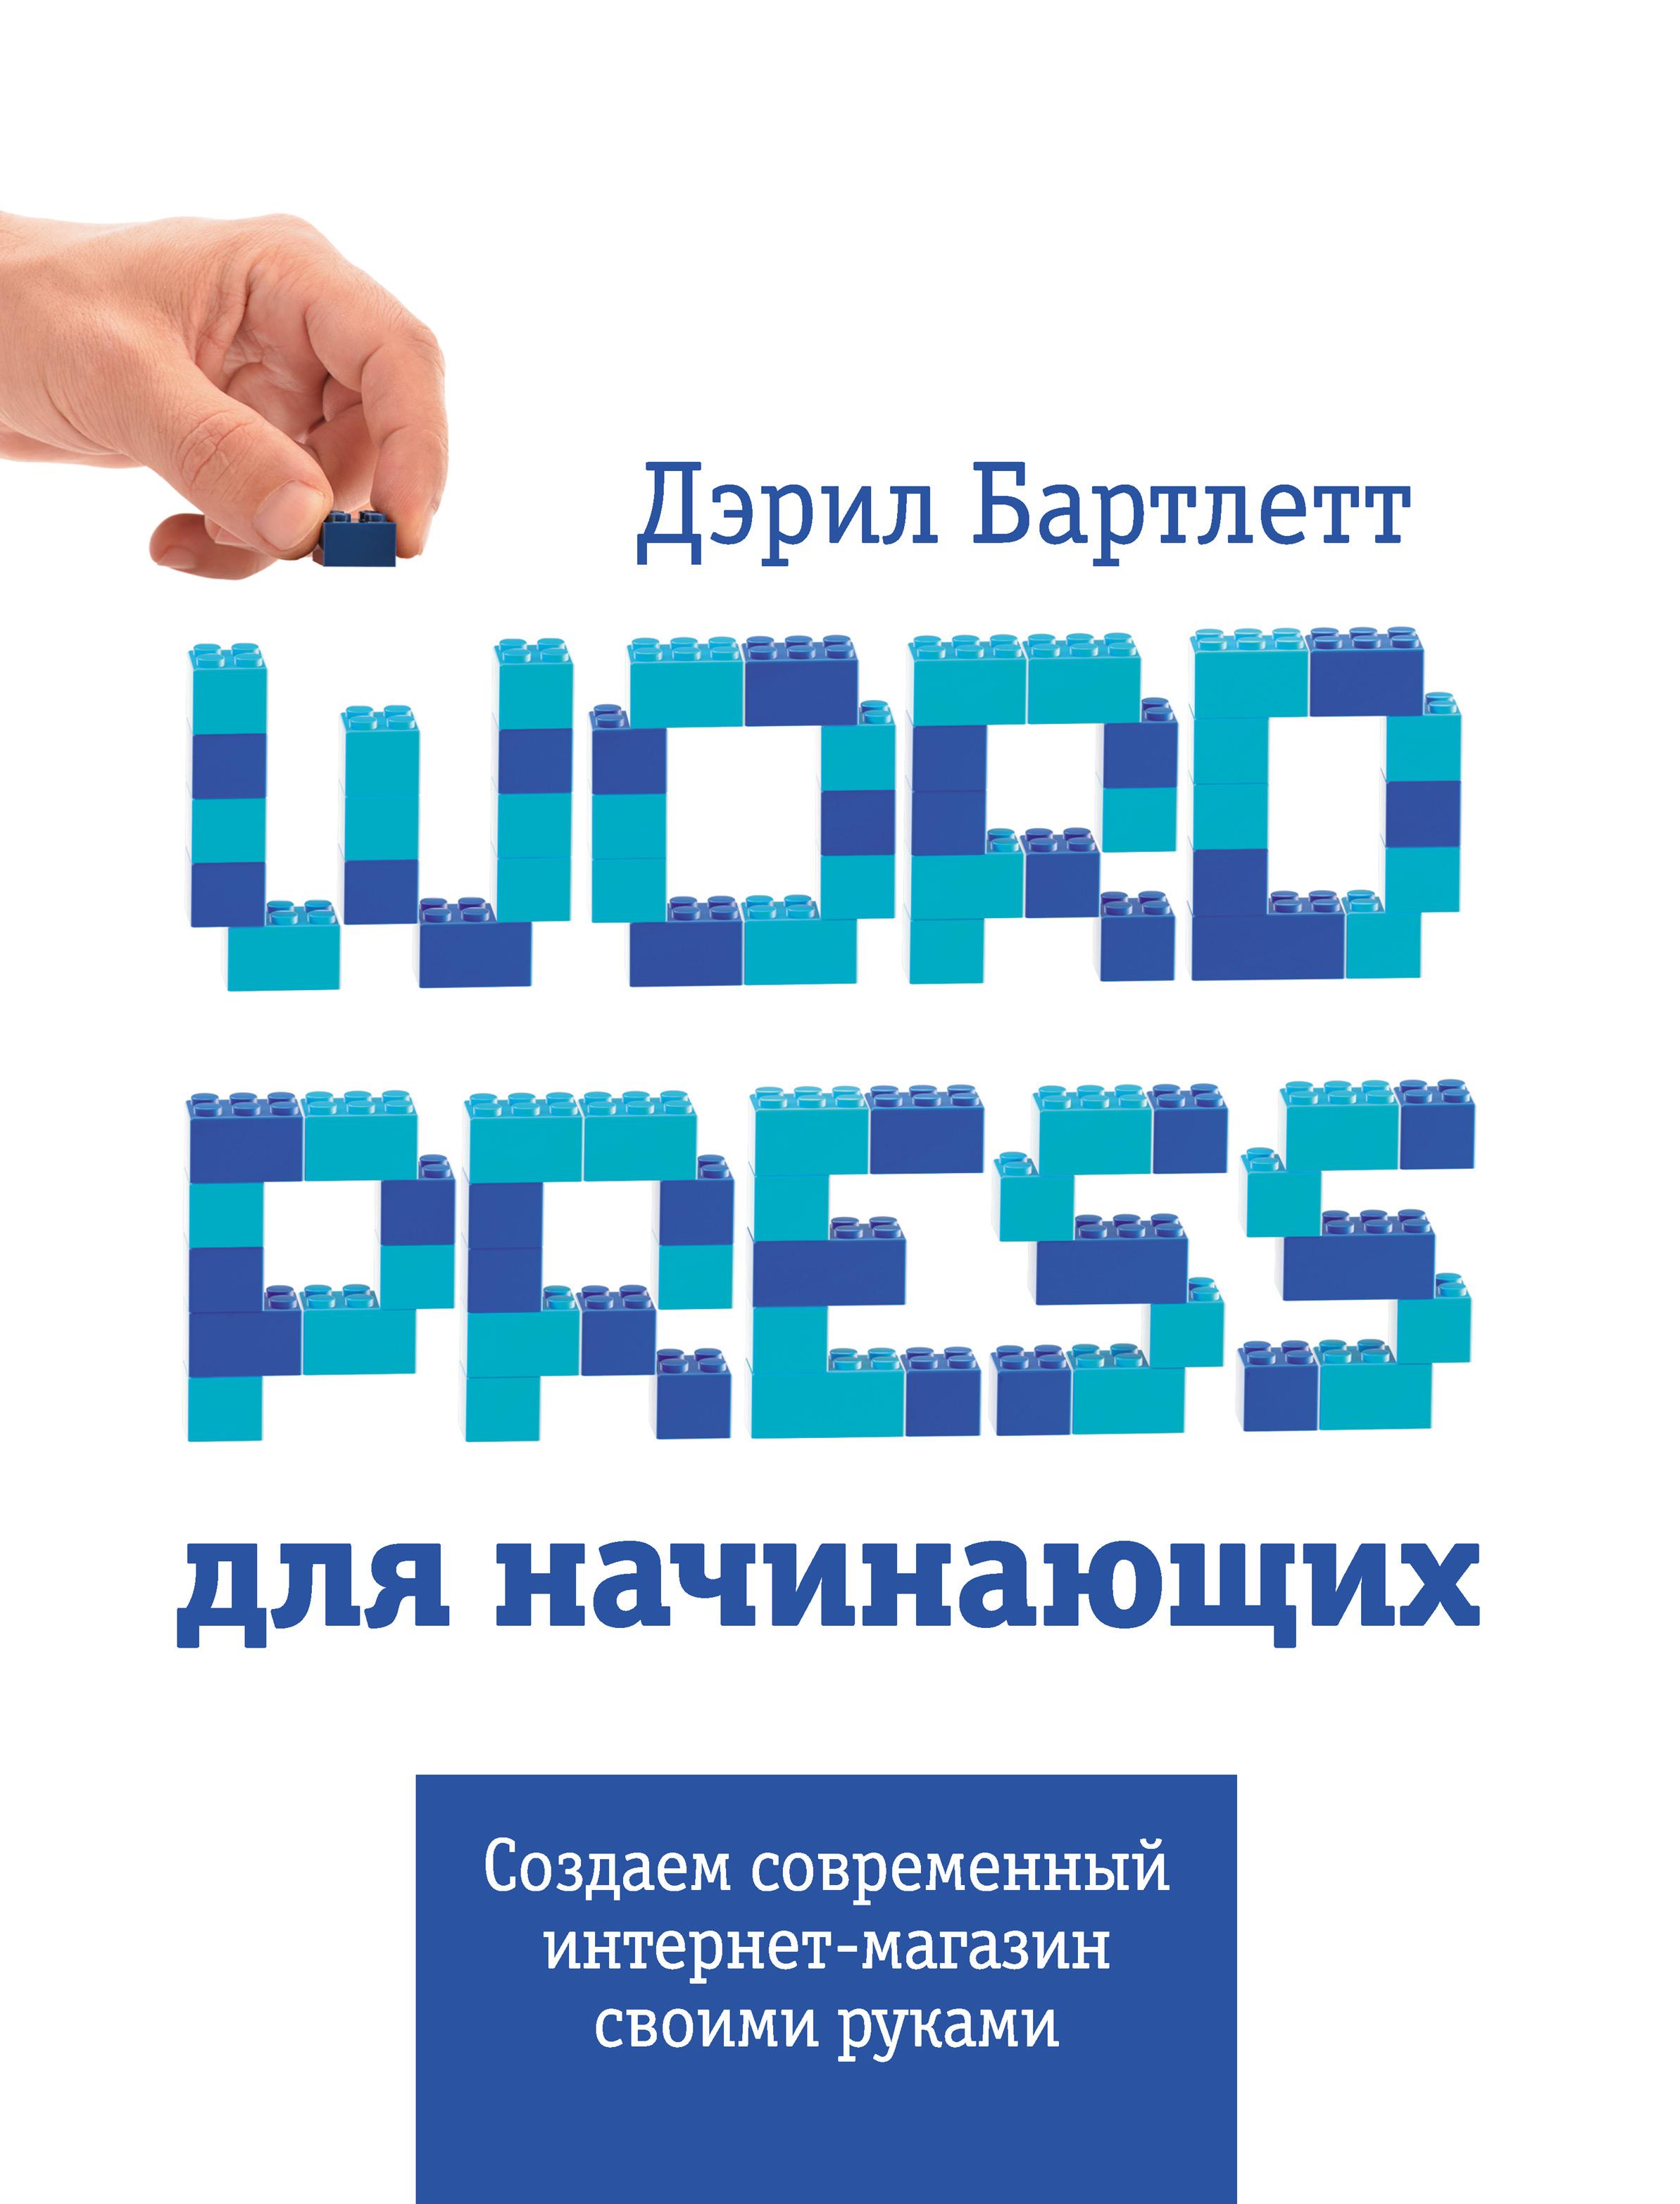 Wordpressдля начинающих